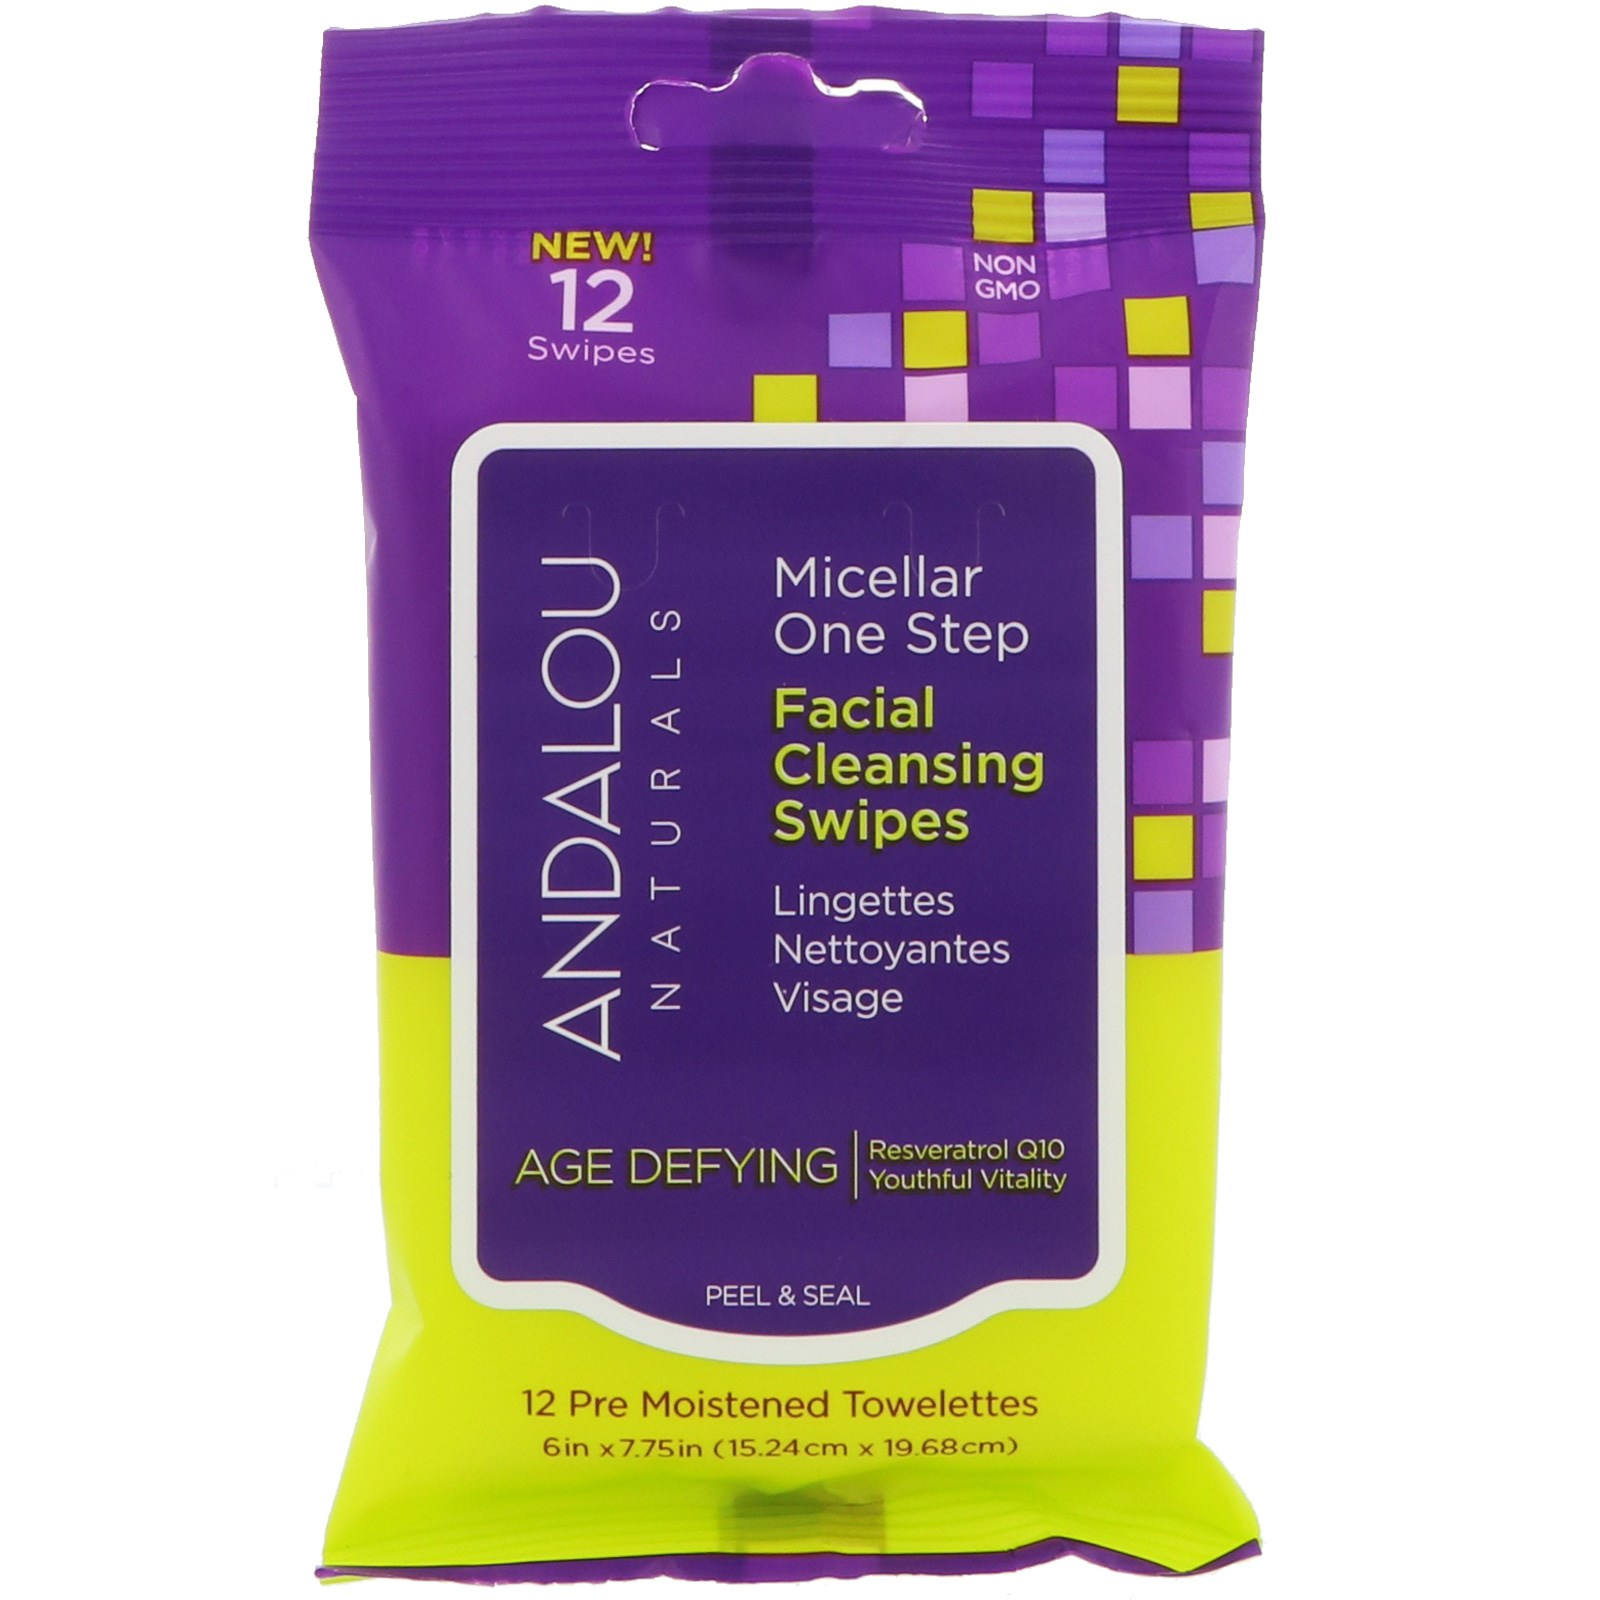 Andalou Naturals, Антивозрастное средство, мицеллярные одноразовые чистящие салфетки для лица, 12 предварительно увлажненных салфеток